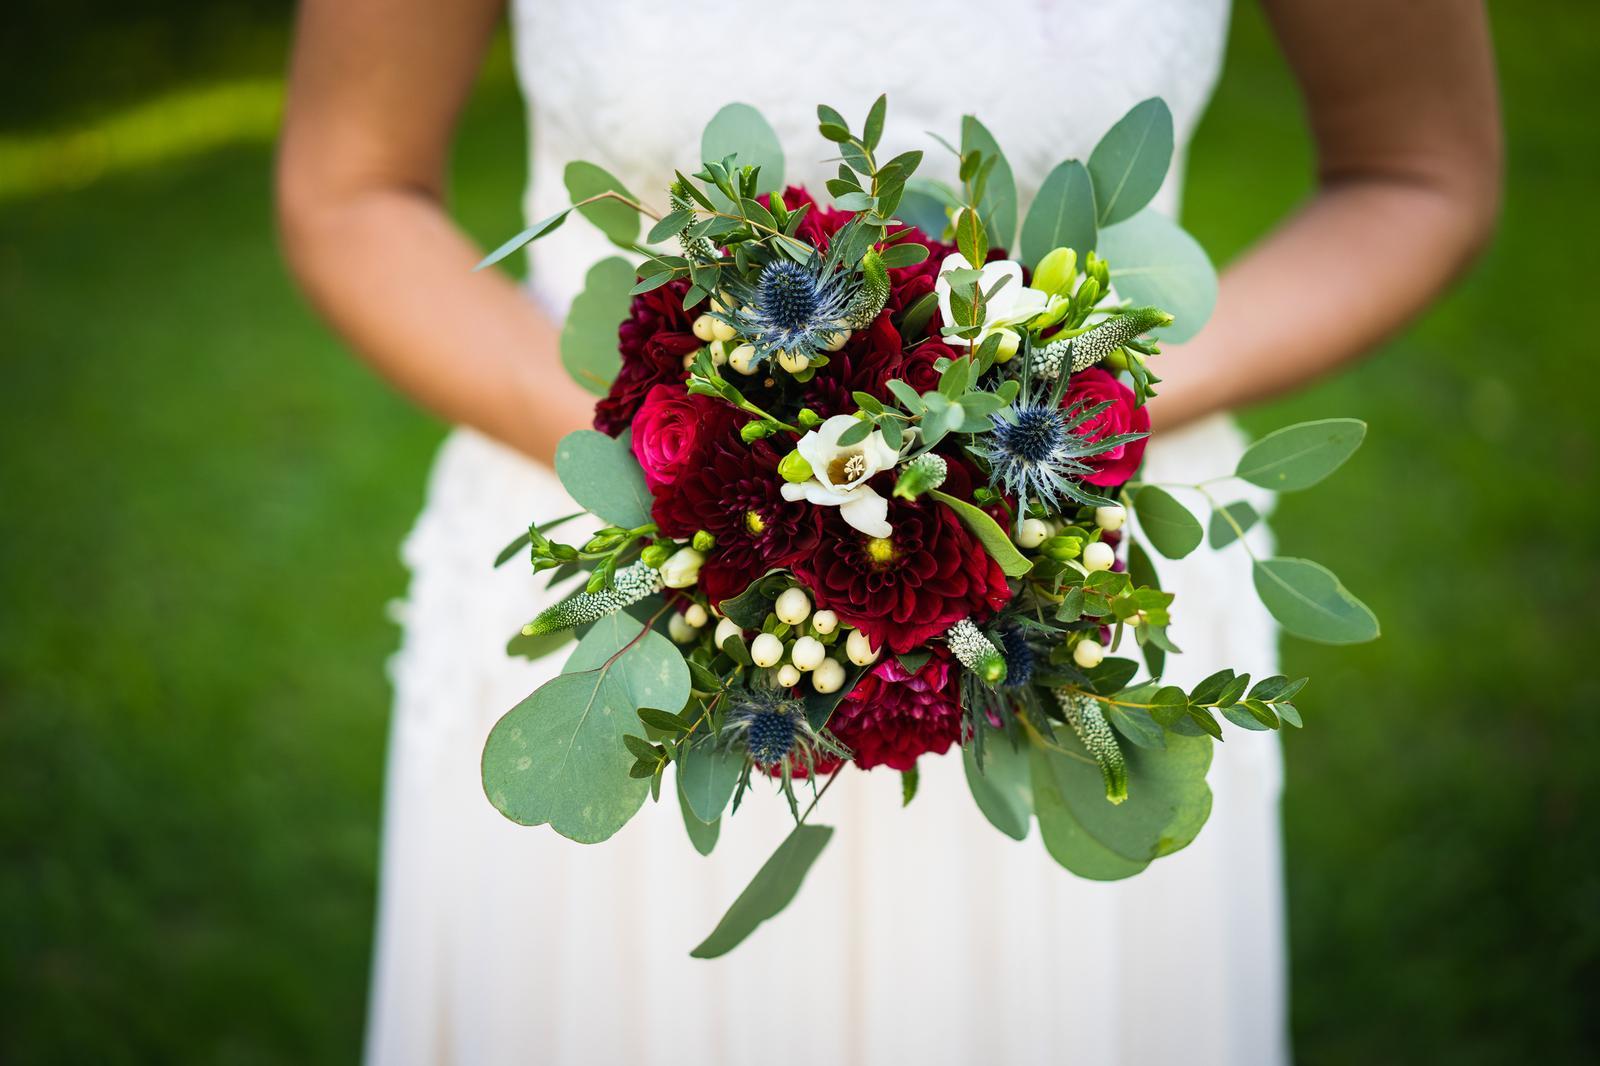 Volné termíny pro svatební kvítí 2020 - Obrázek č. 5